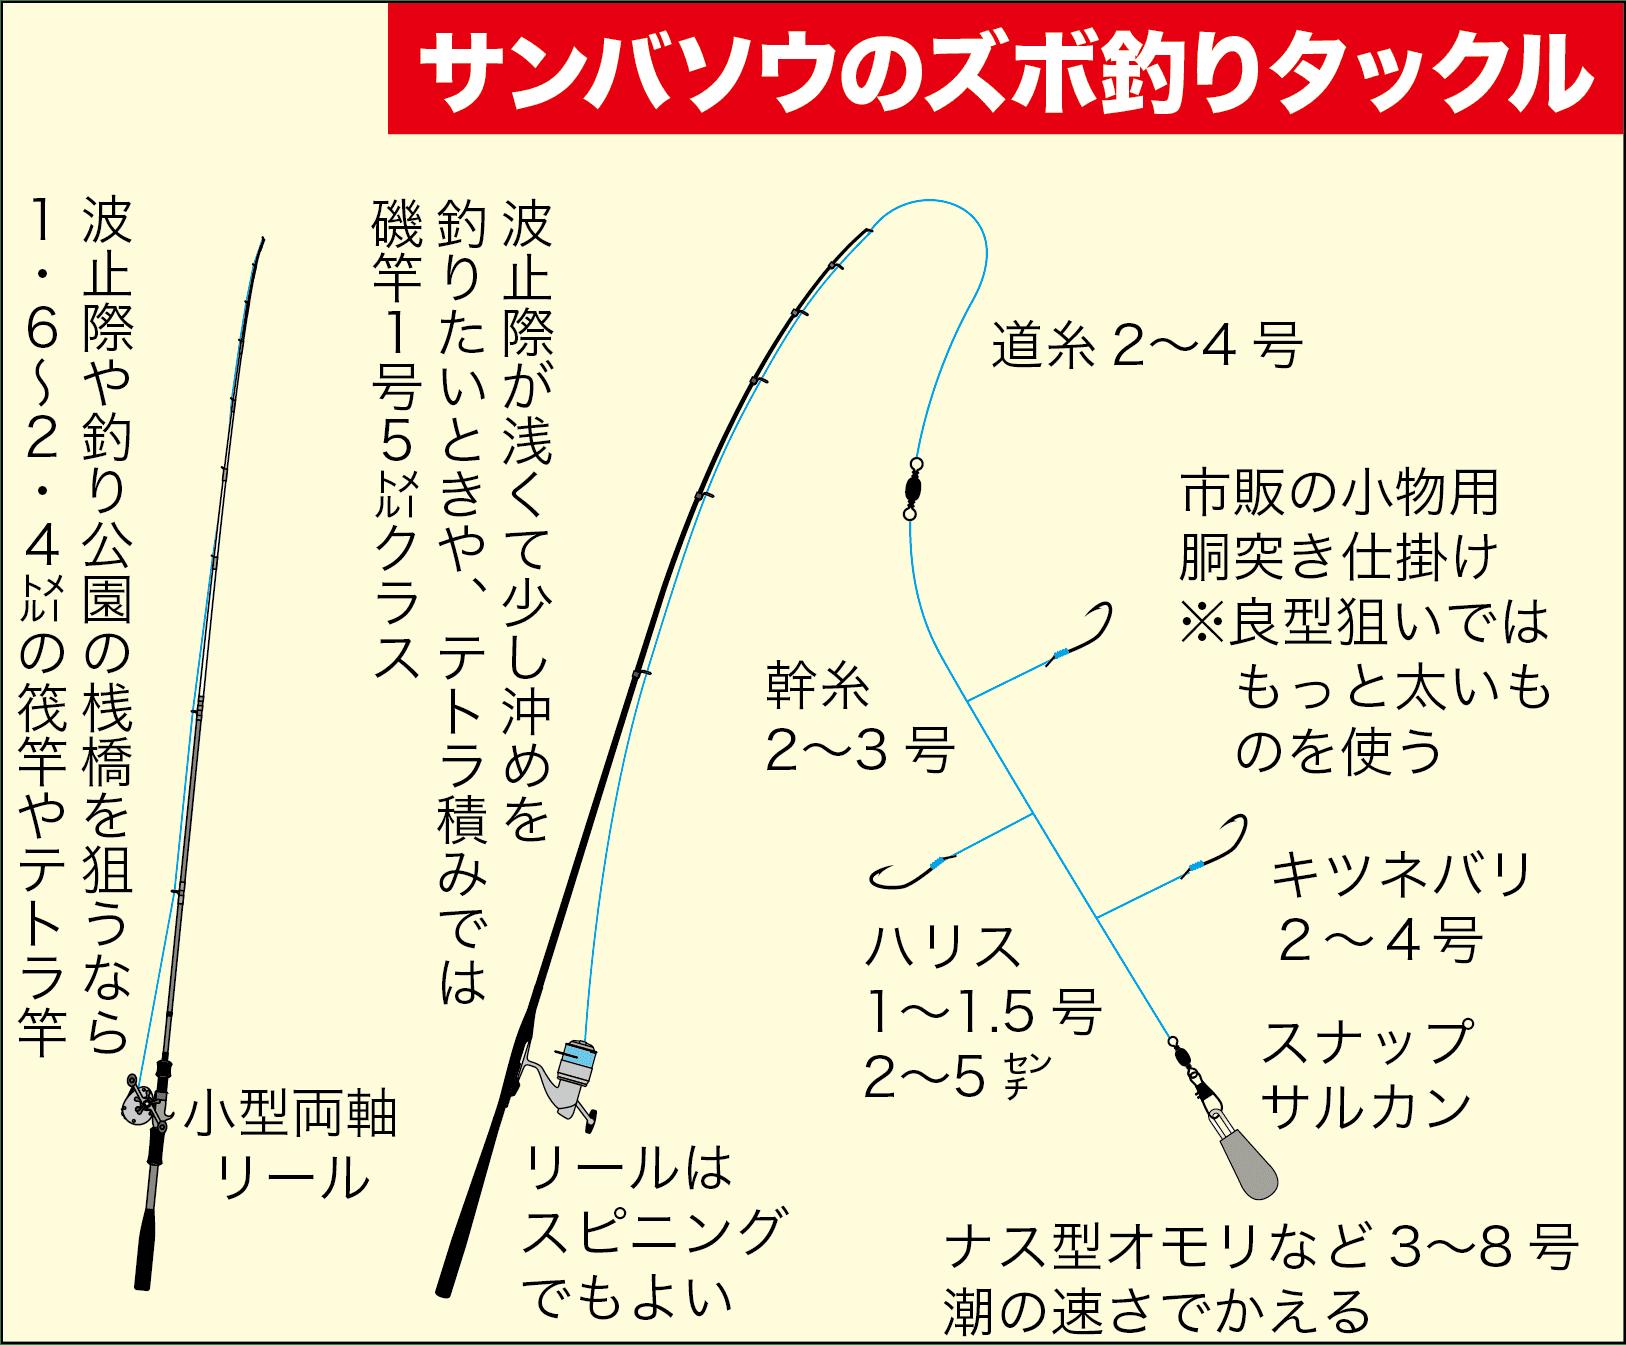 イシダイ(サンバソウ)の釣り方1